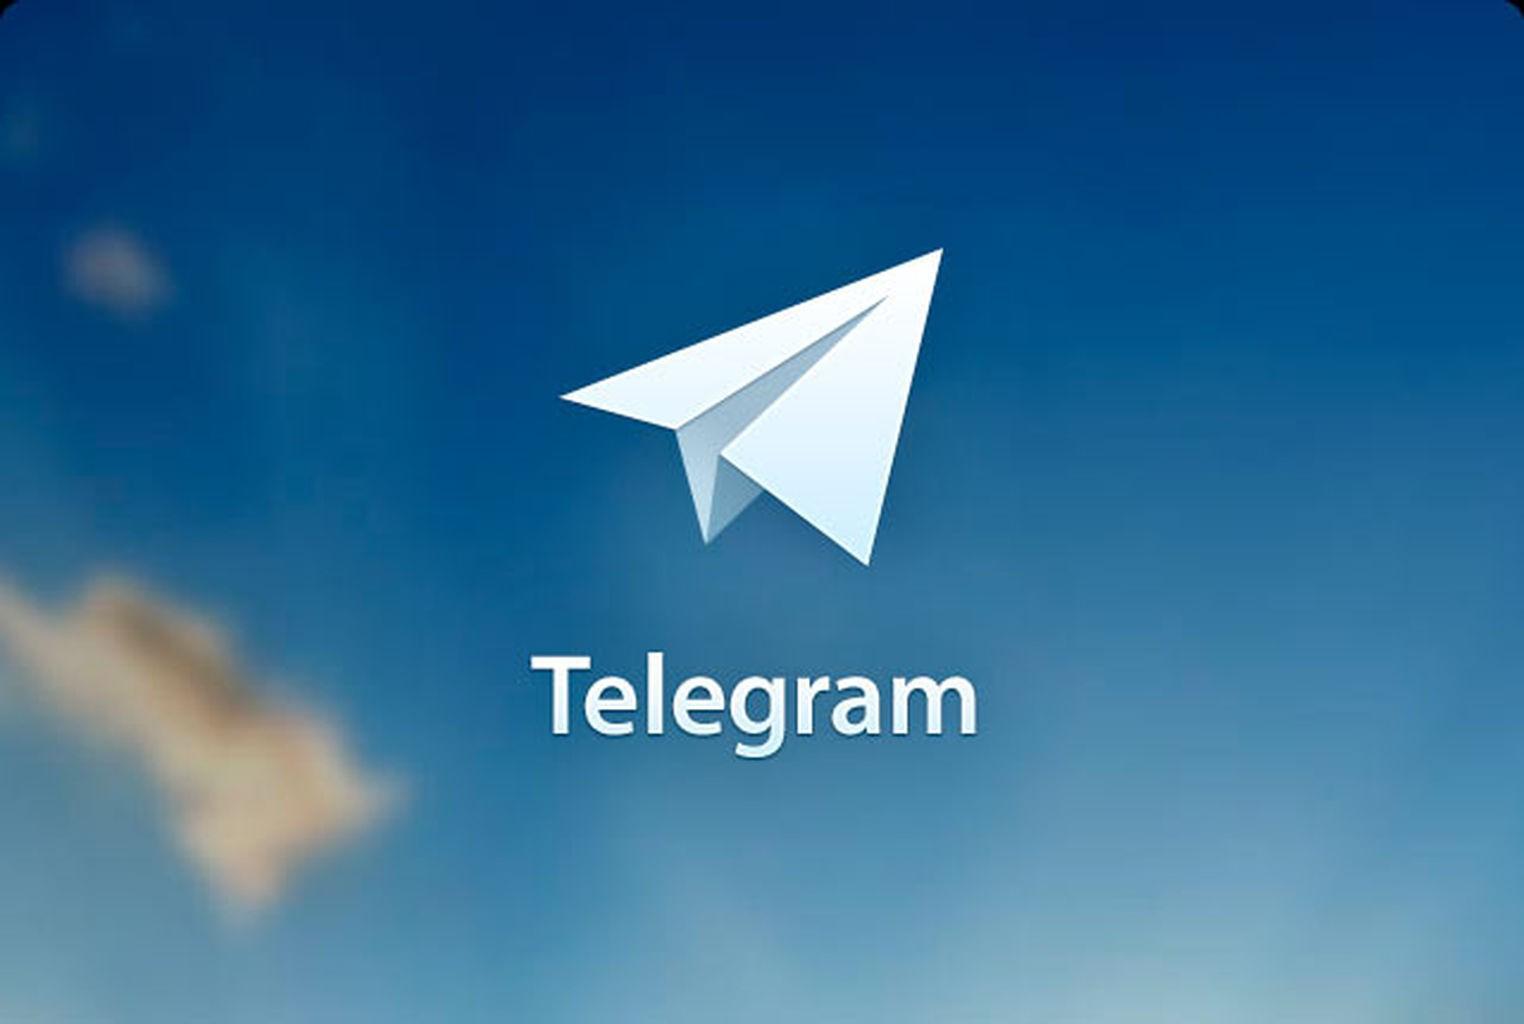 Обновленная версия мессенджера Telegram стала доступна для андроид